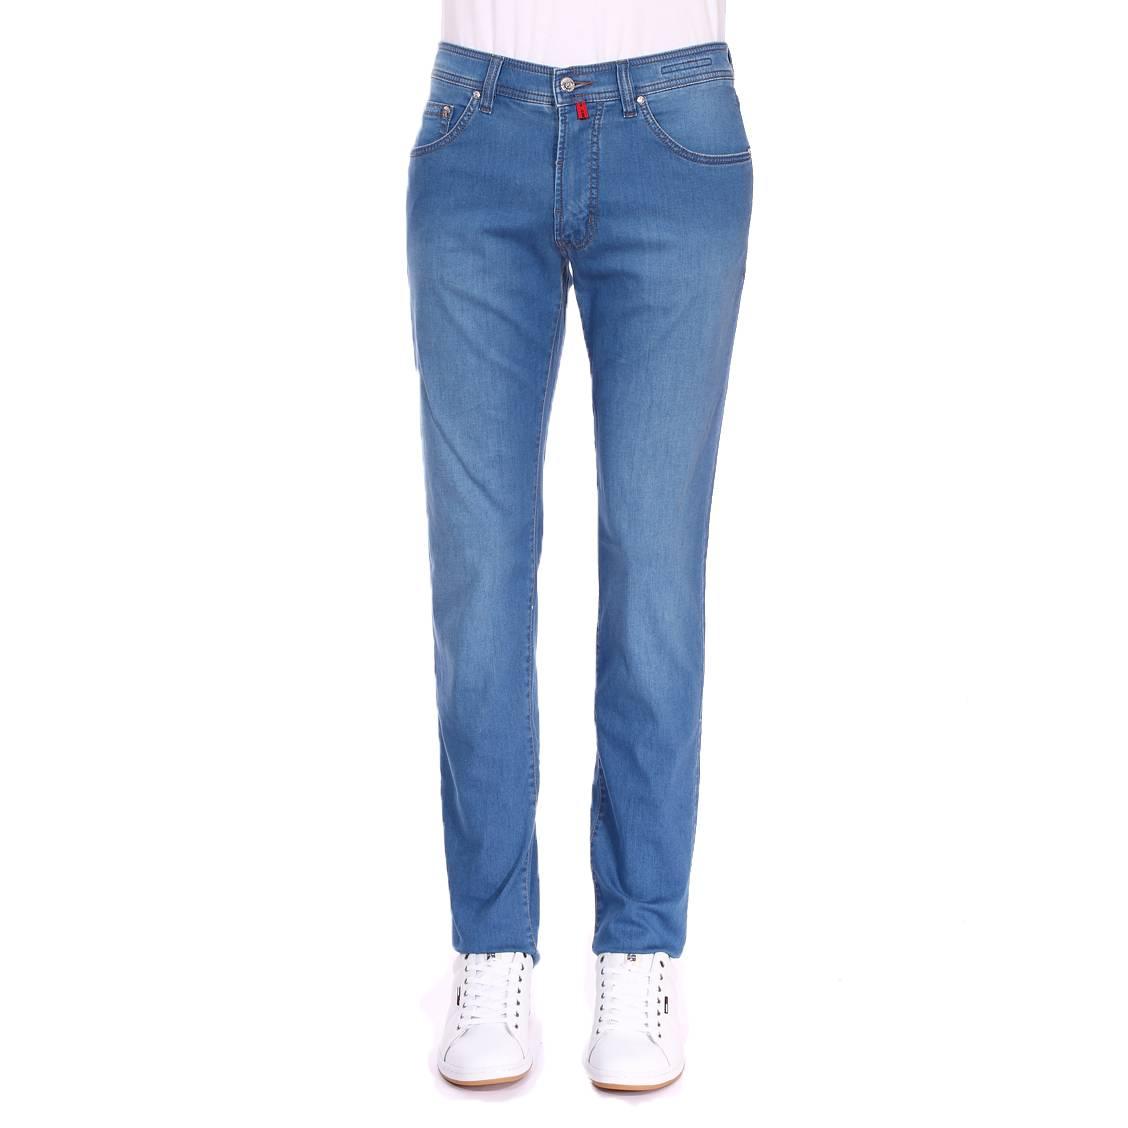 Jean  deauville en coton mélangé stretch bleu clair légèrement délavé